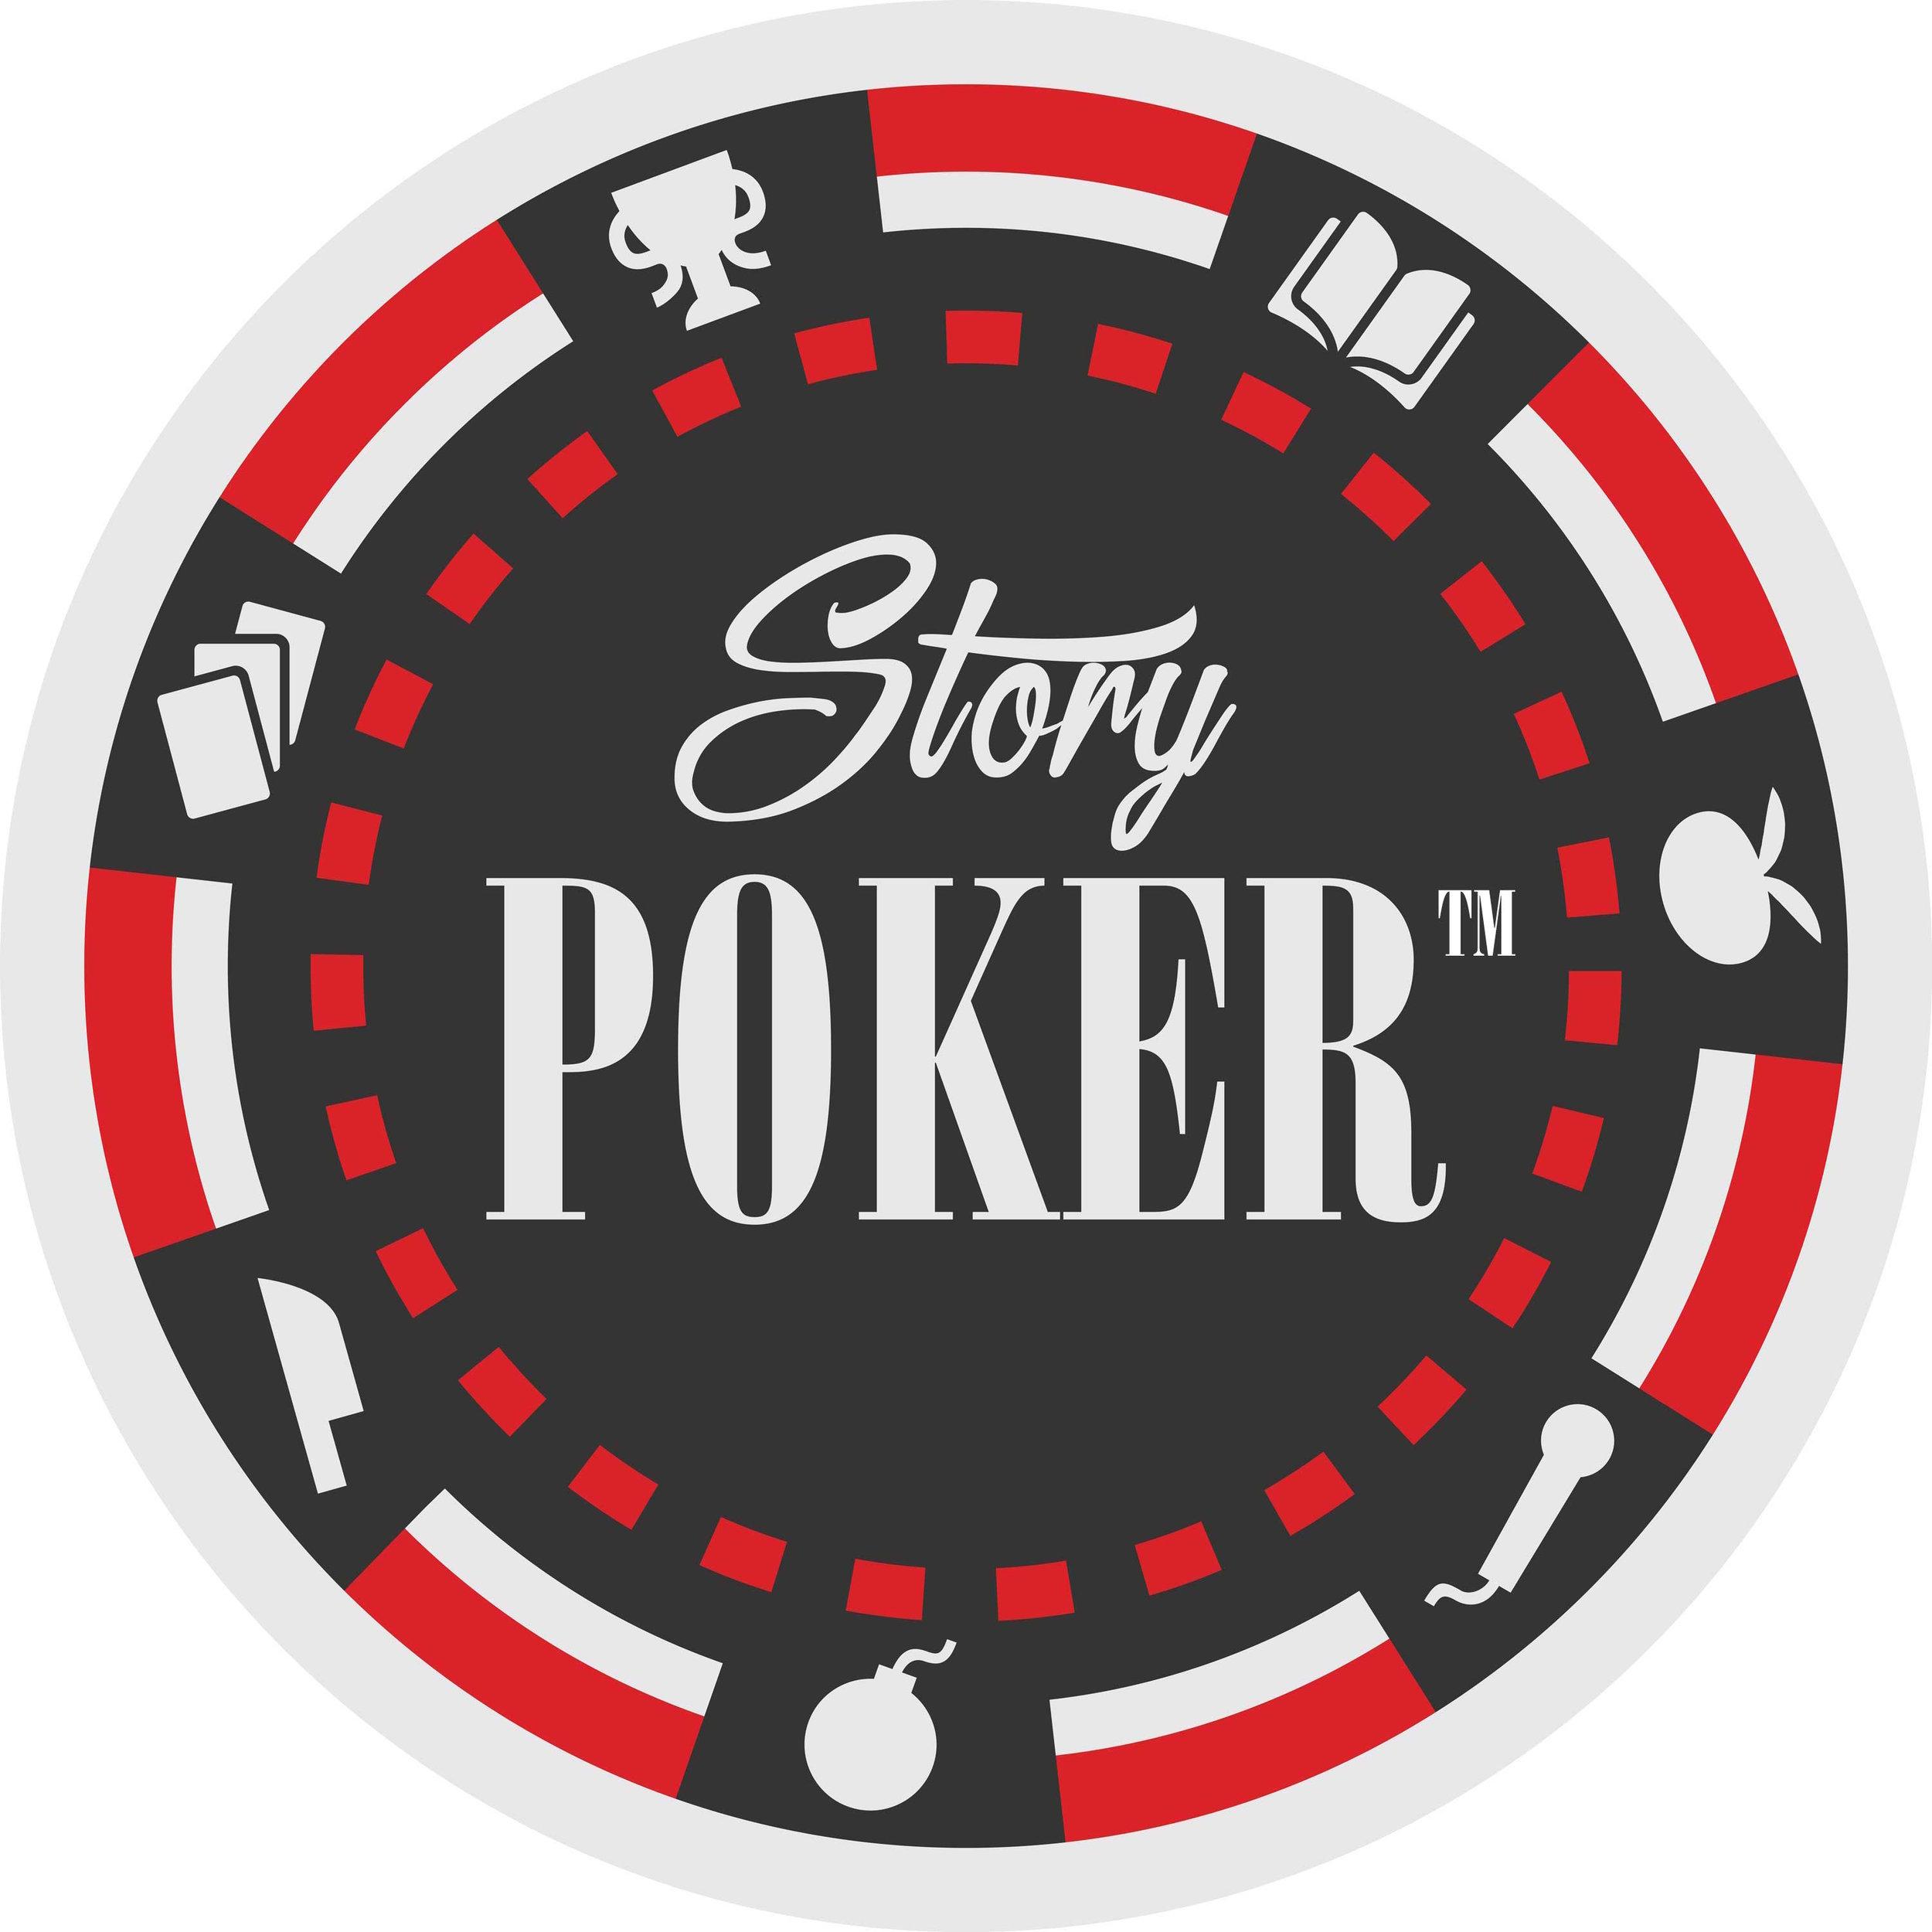 story-poker-podcast copy.jpg